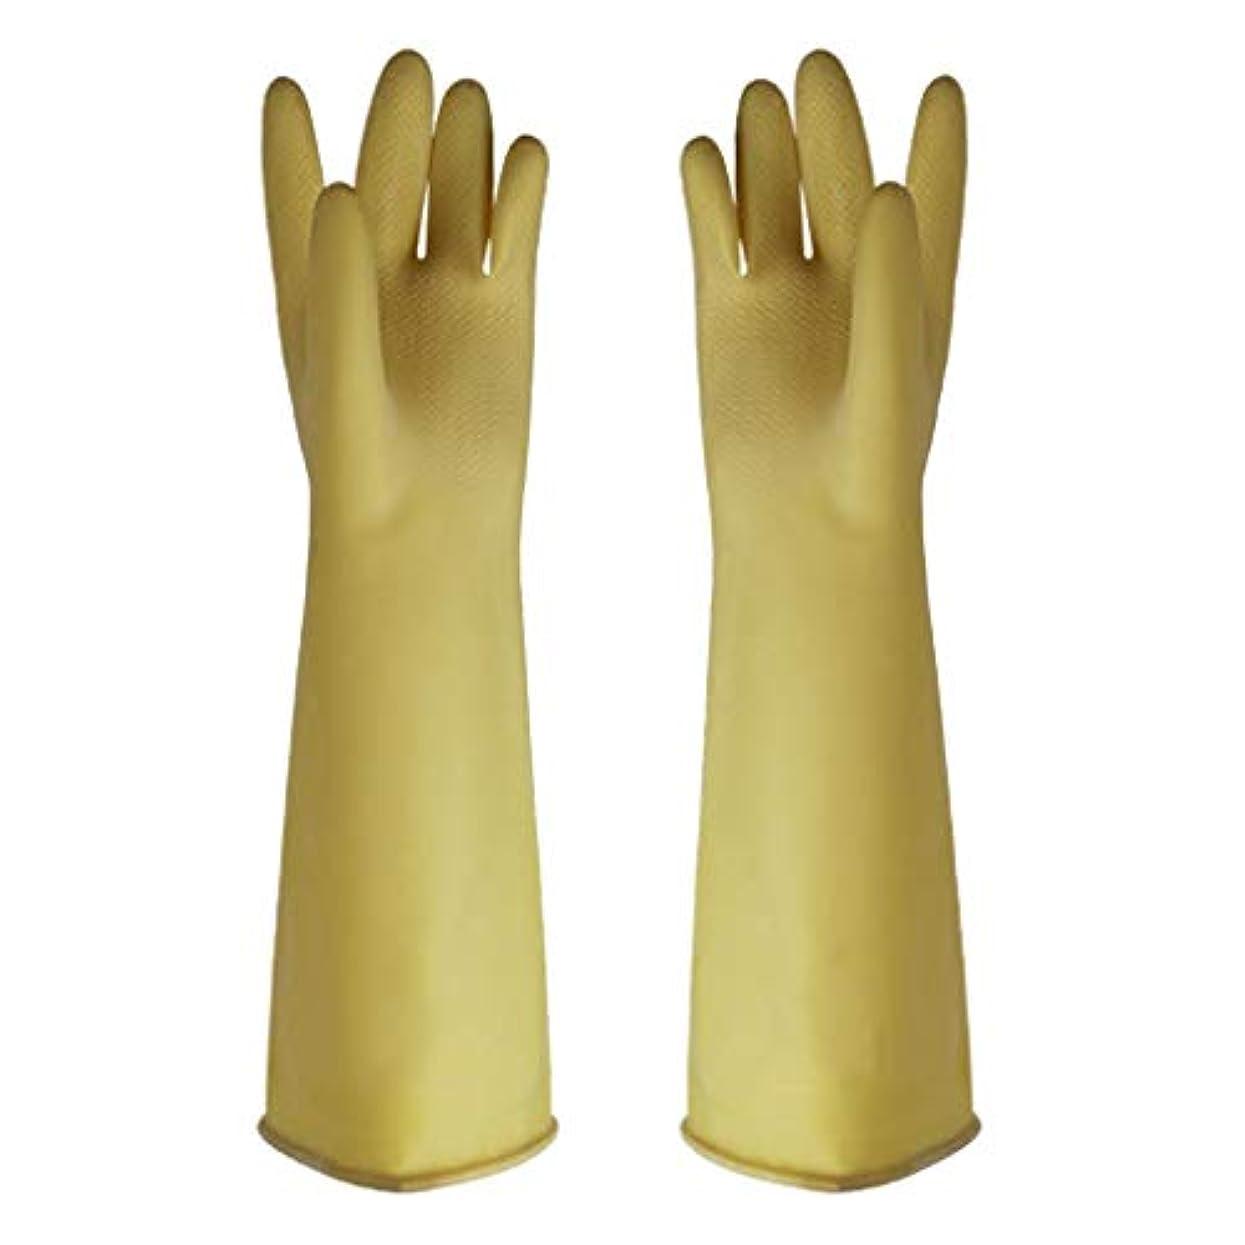 光タッチ物理的にゴム手袋 - 家庭用クリーニング用の耐摩耗性のある酸とアルカリ耐性の増粘厚さ45cm